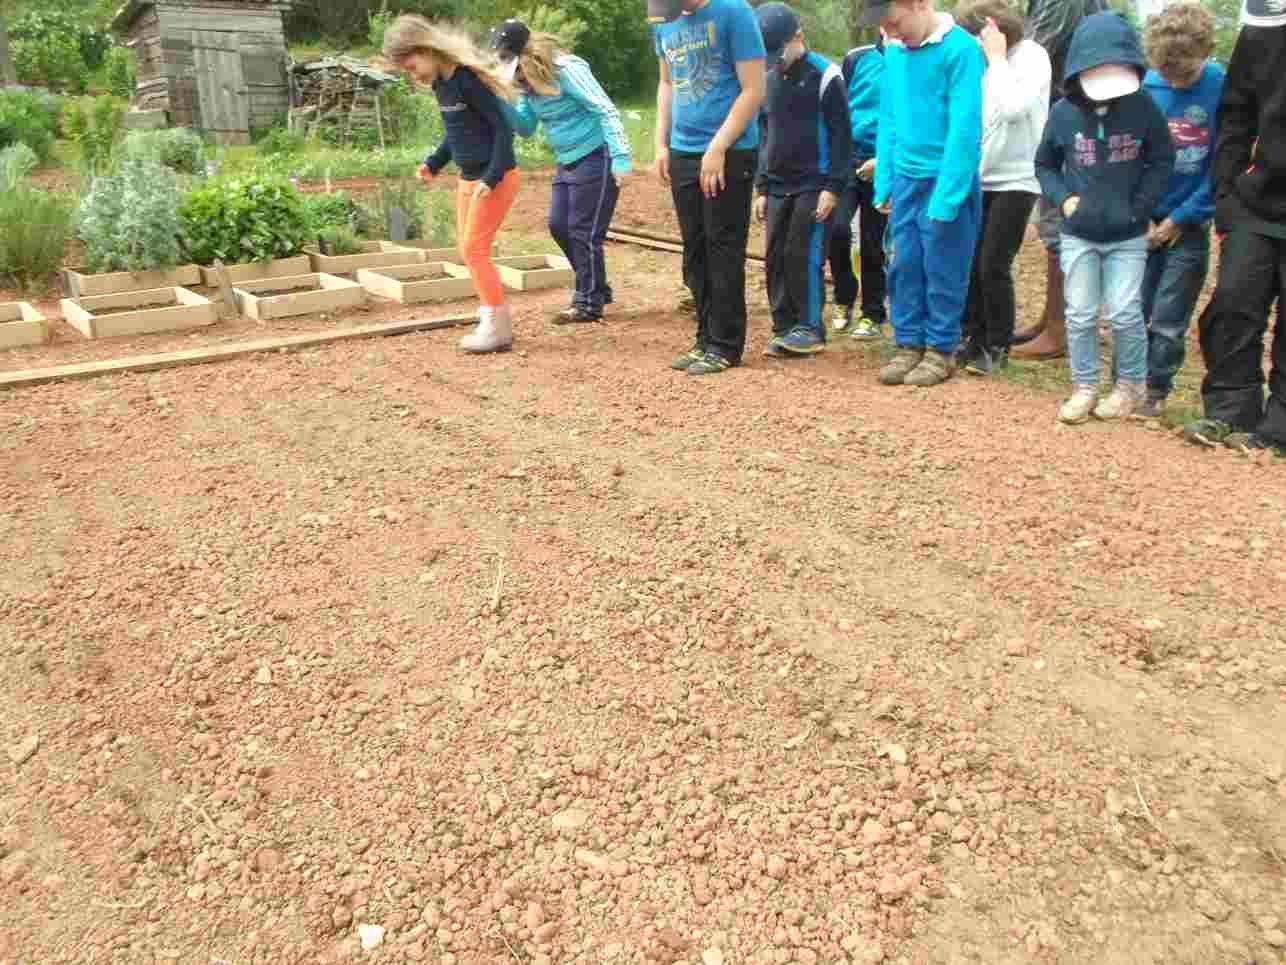 Puis avec mamie Jackie, nous avons semé, enterré et arrosé notre prairie fleurie pour les abeilles.